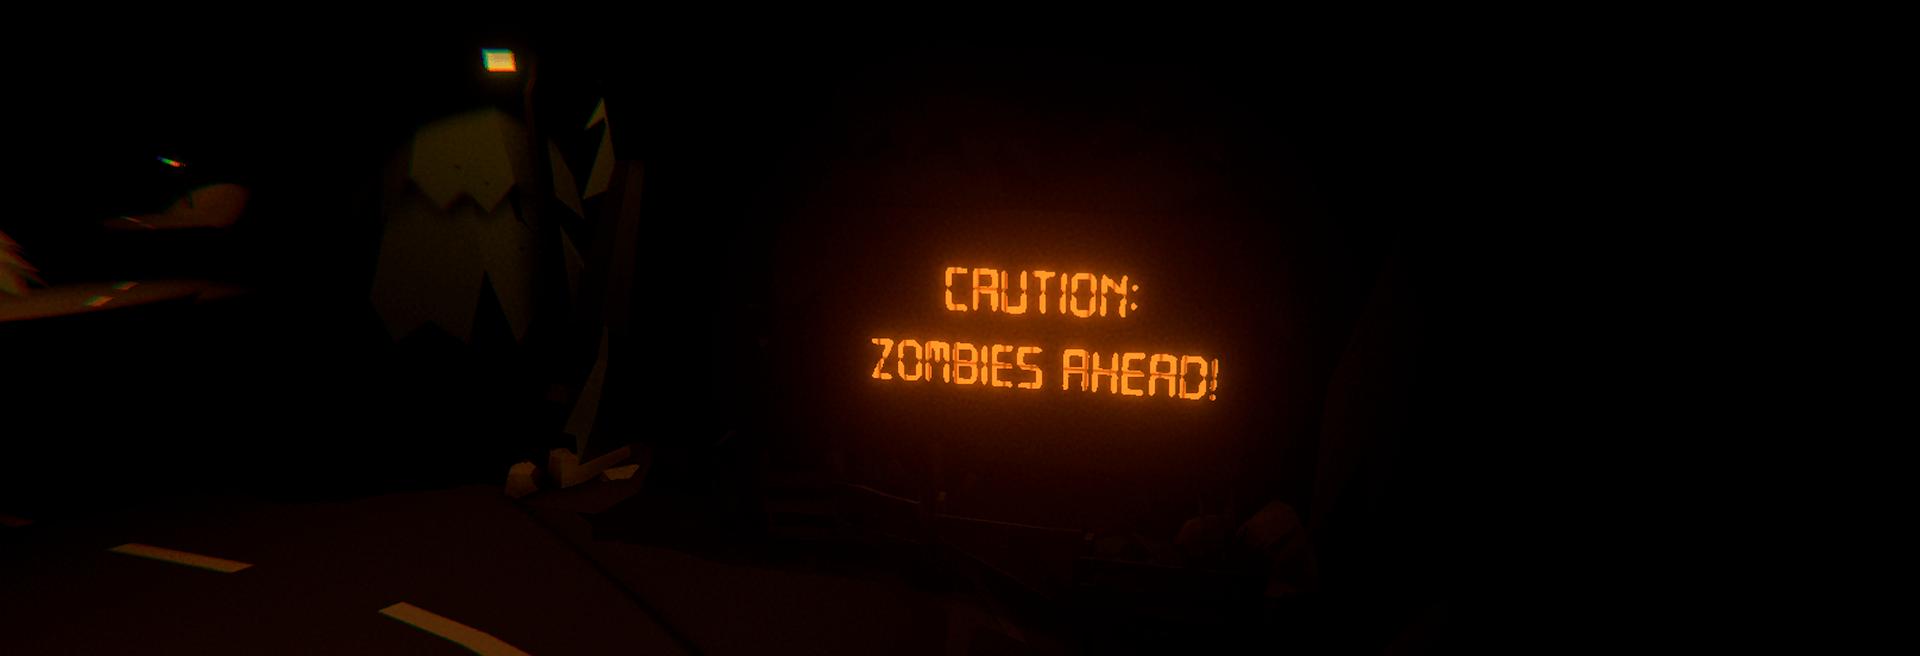 Caution: Zombies Ahead (PROTOTYPE)